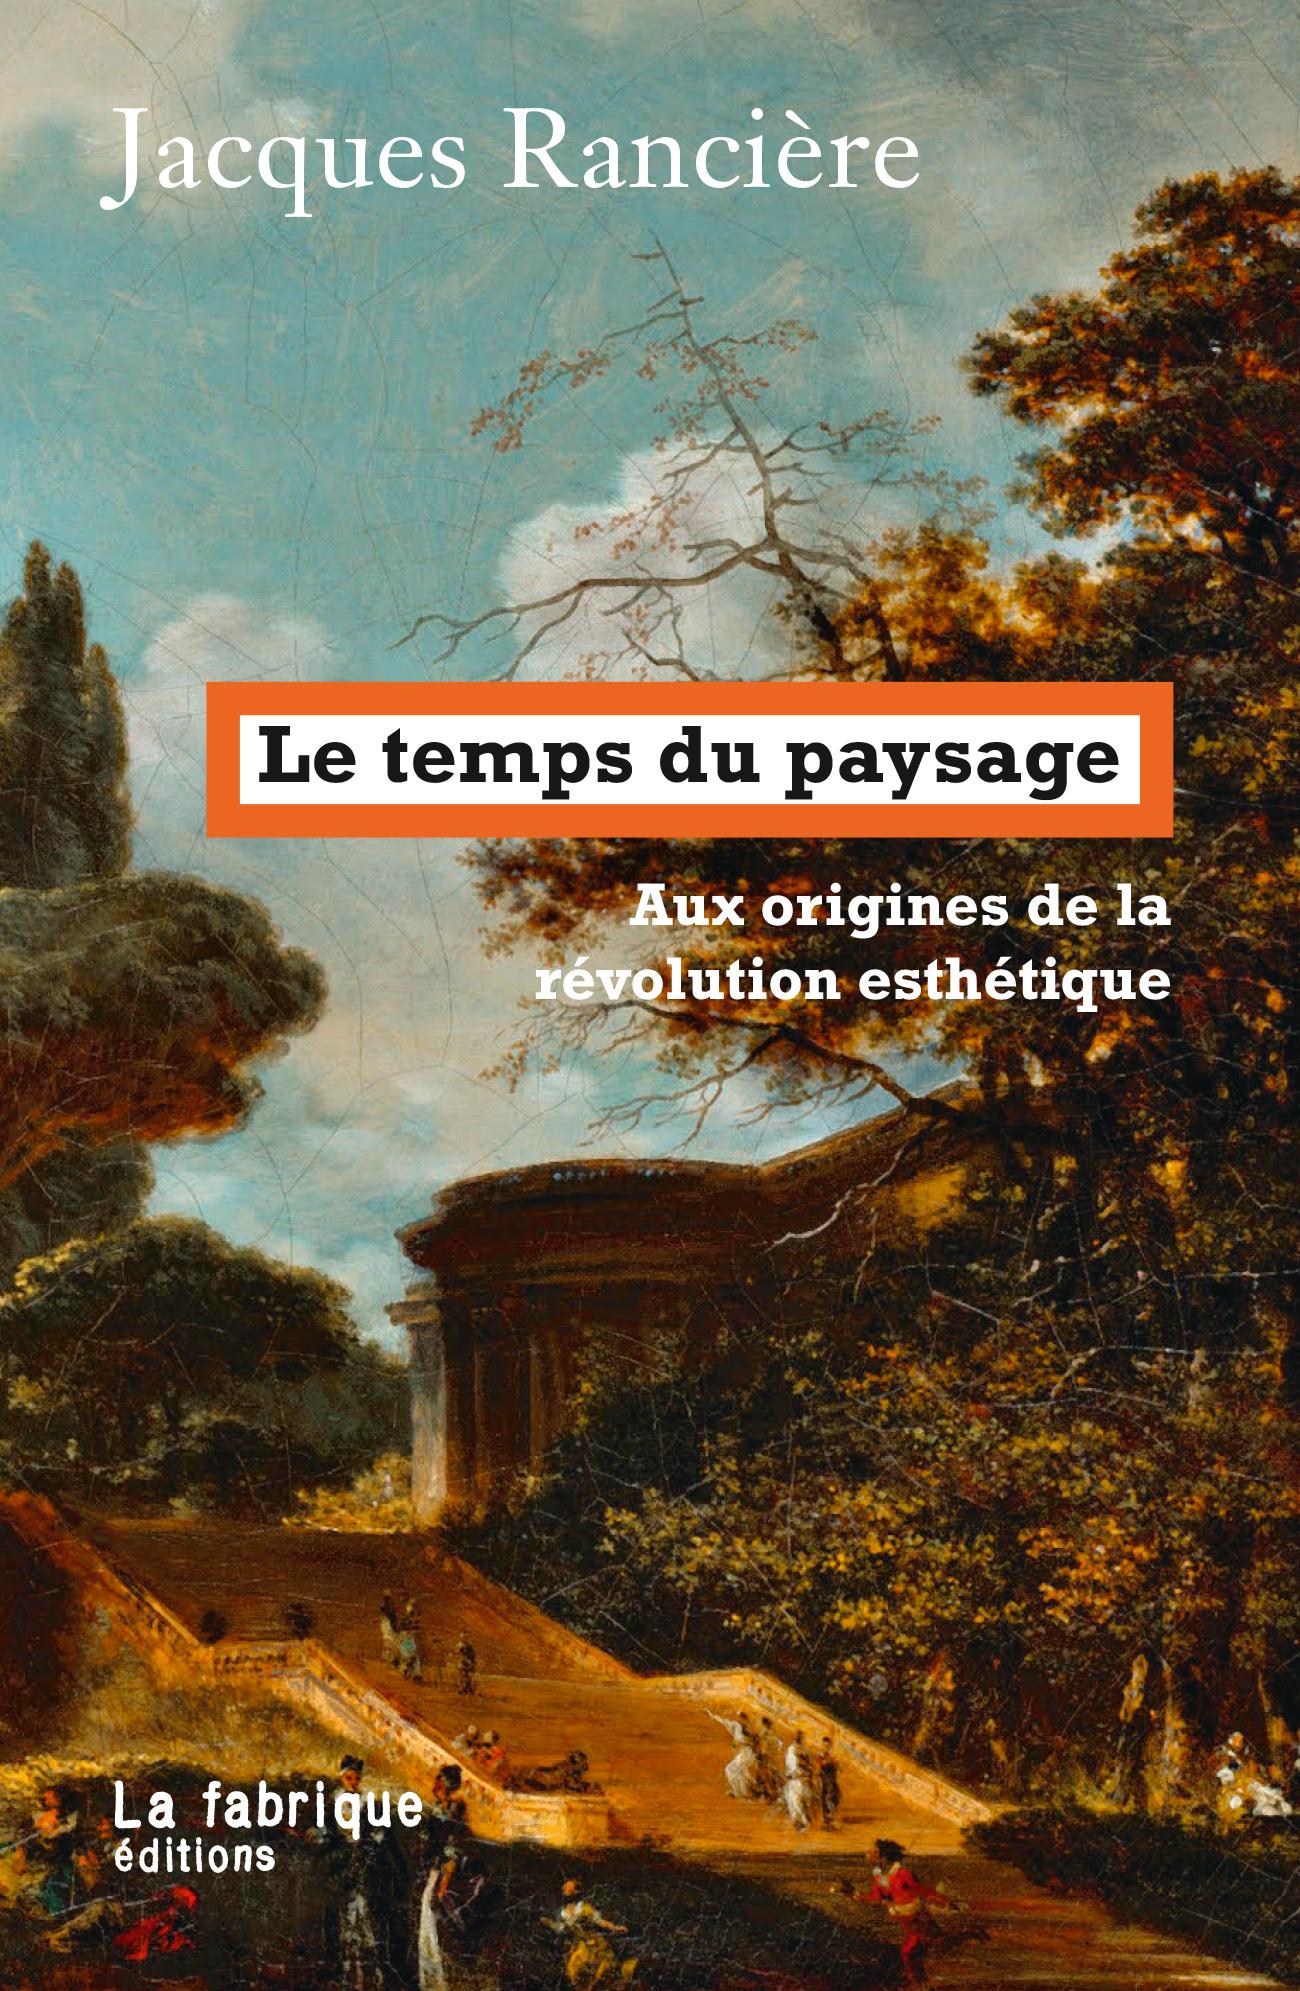 J. Rancière, Le temps du paysage. Aux origines de la révolution esthétique